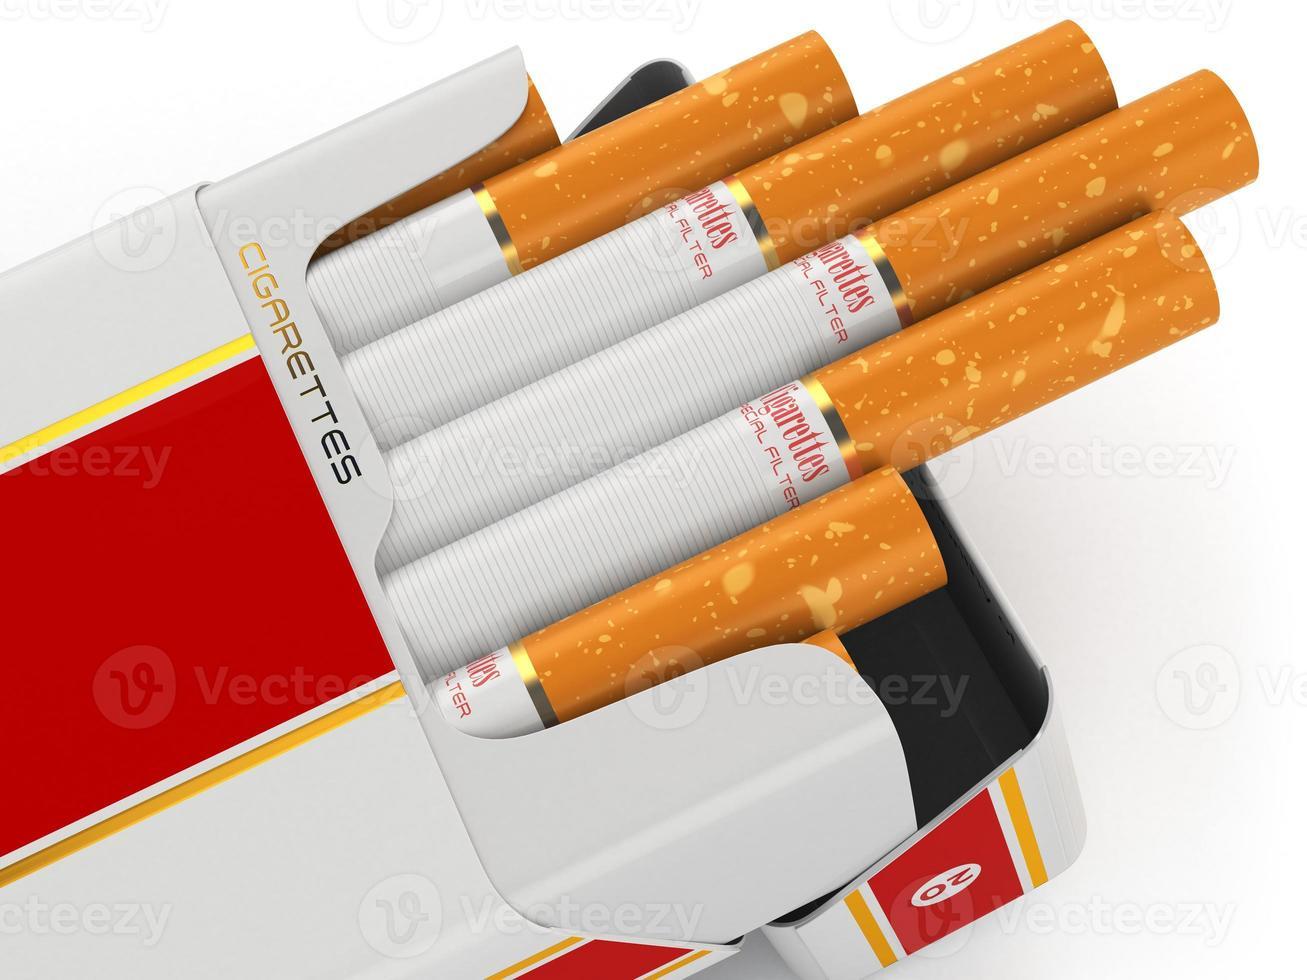 generiek pakje sigaretten op een witte achtergrond. foto